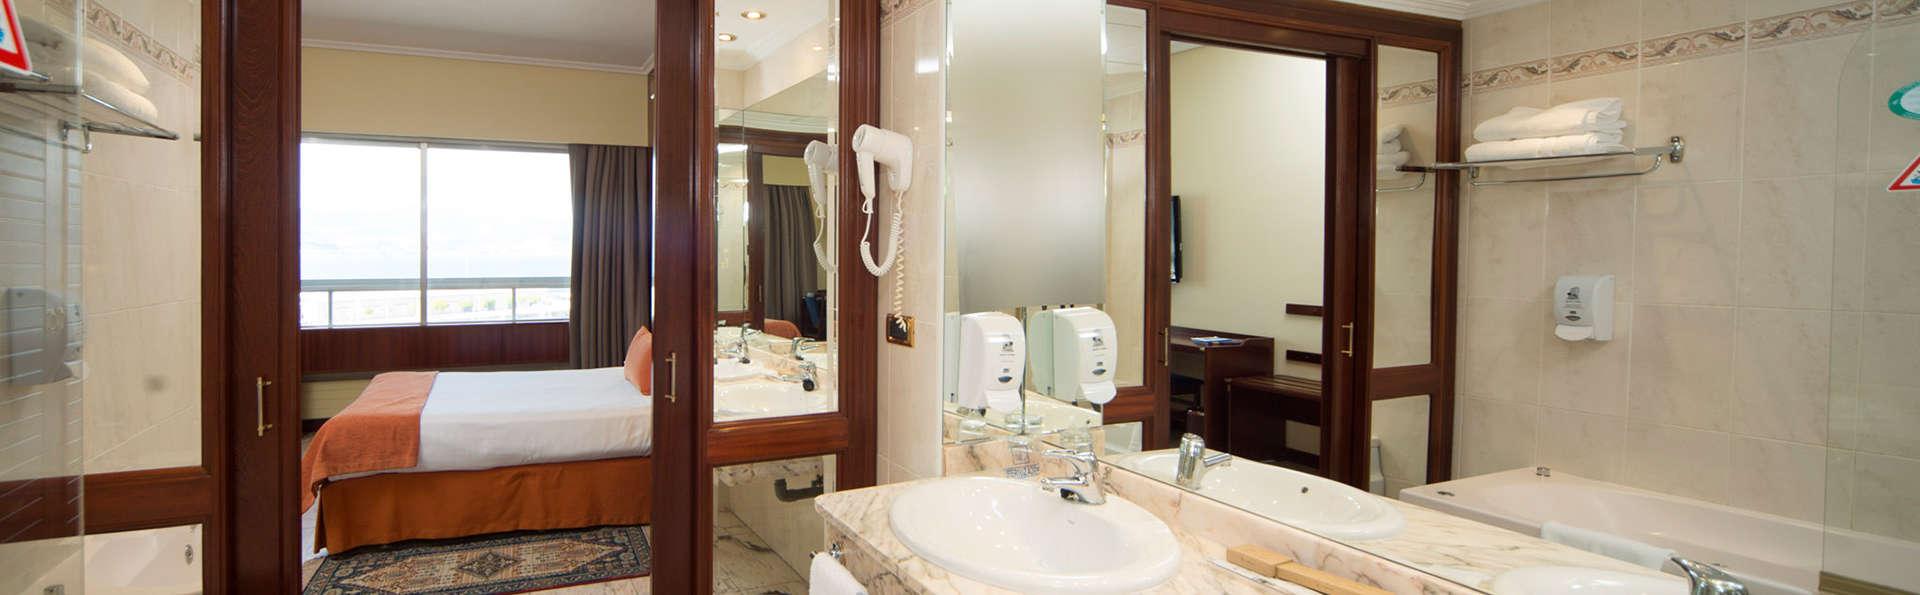 Sercotel Hotel Bahía de Vigo - EDIT_bath2.jpg